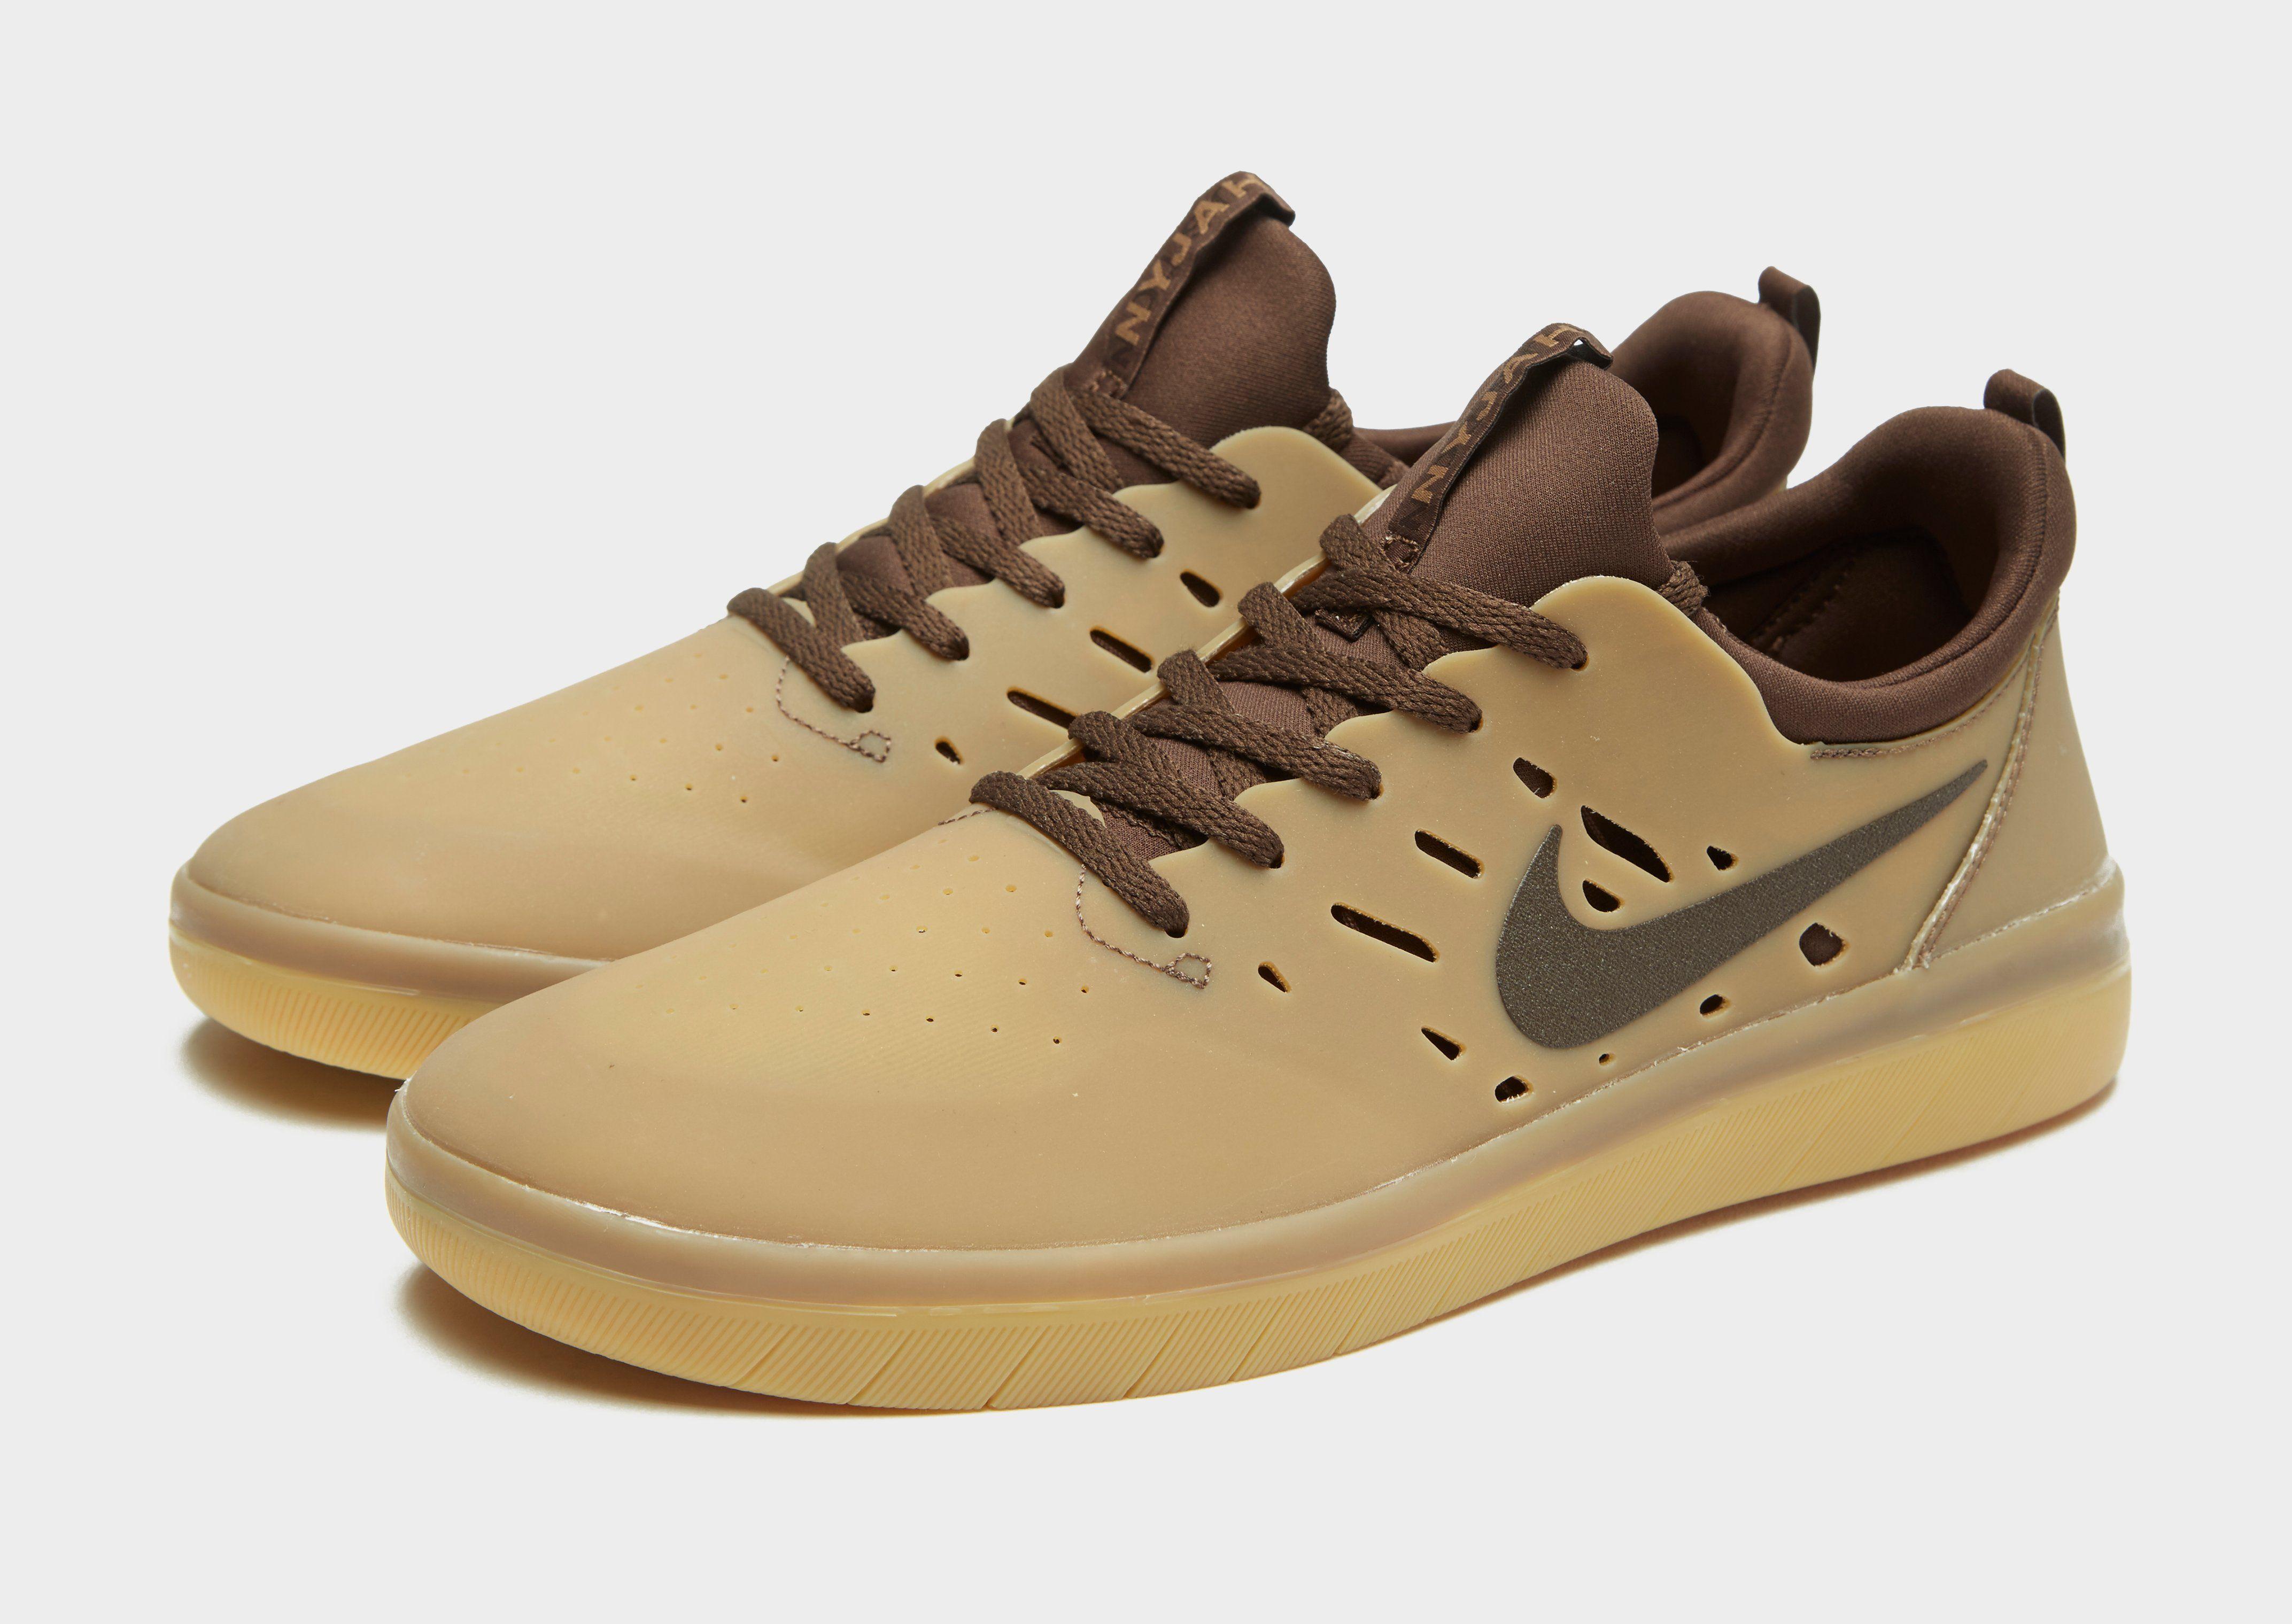 Nagelneu Unisex Nike SB Nyjah Free Braun Freies Verschiffen Extrem Für Billigen Rabatt Billig Billig Auslassstellen TOAofjFSqZ